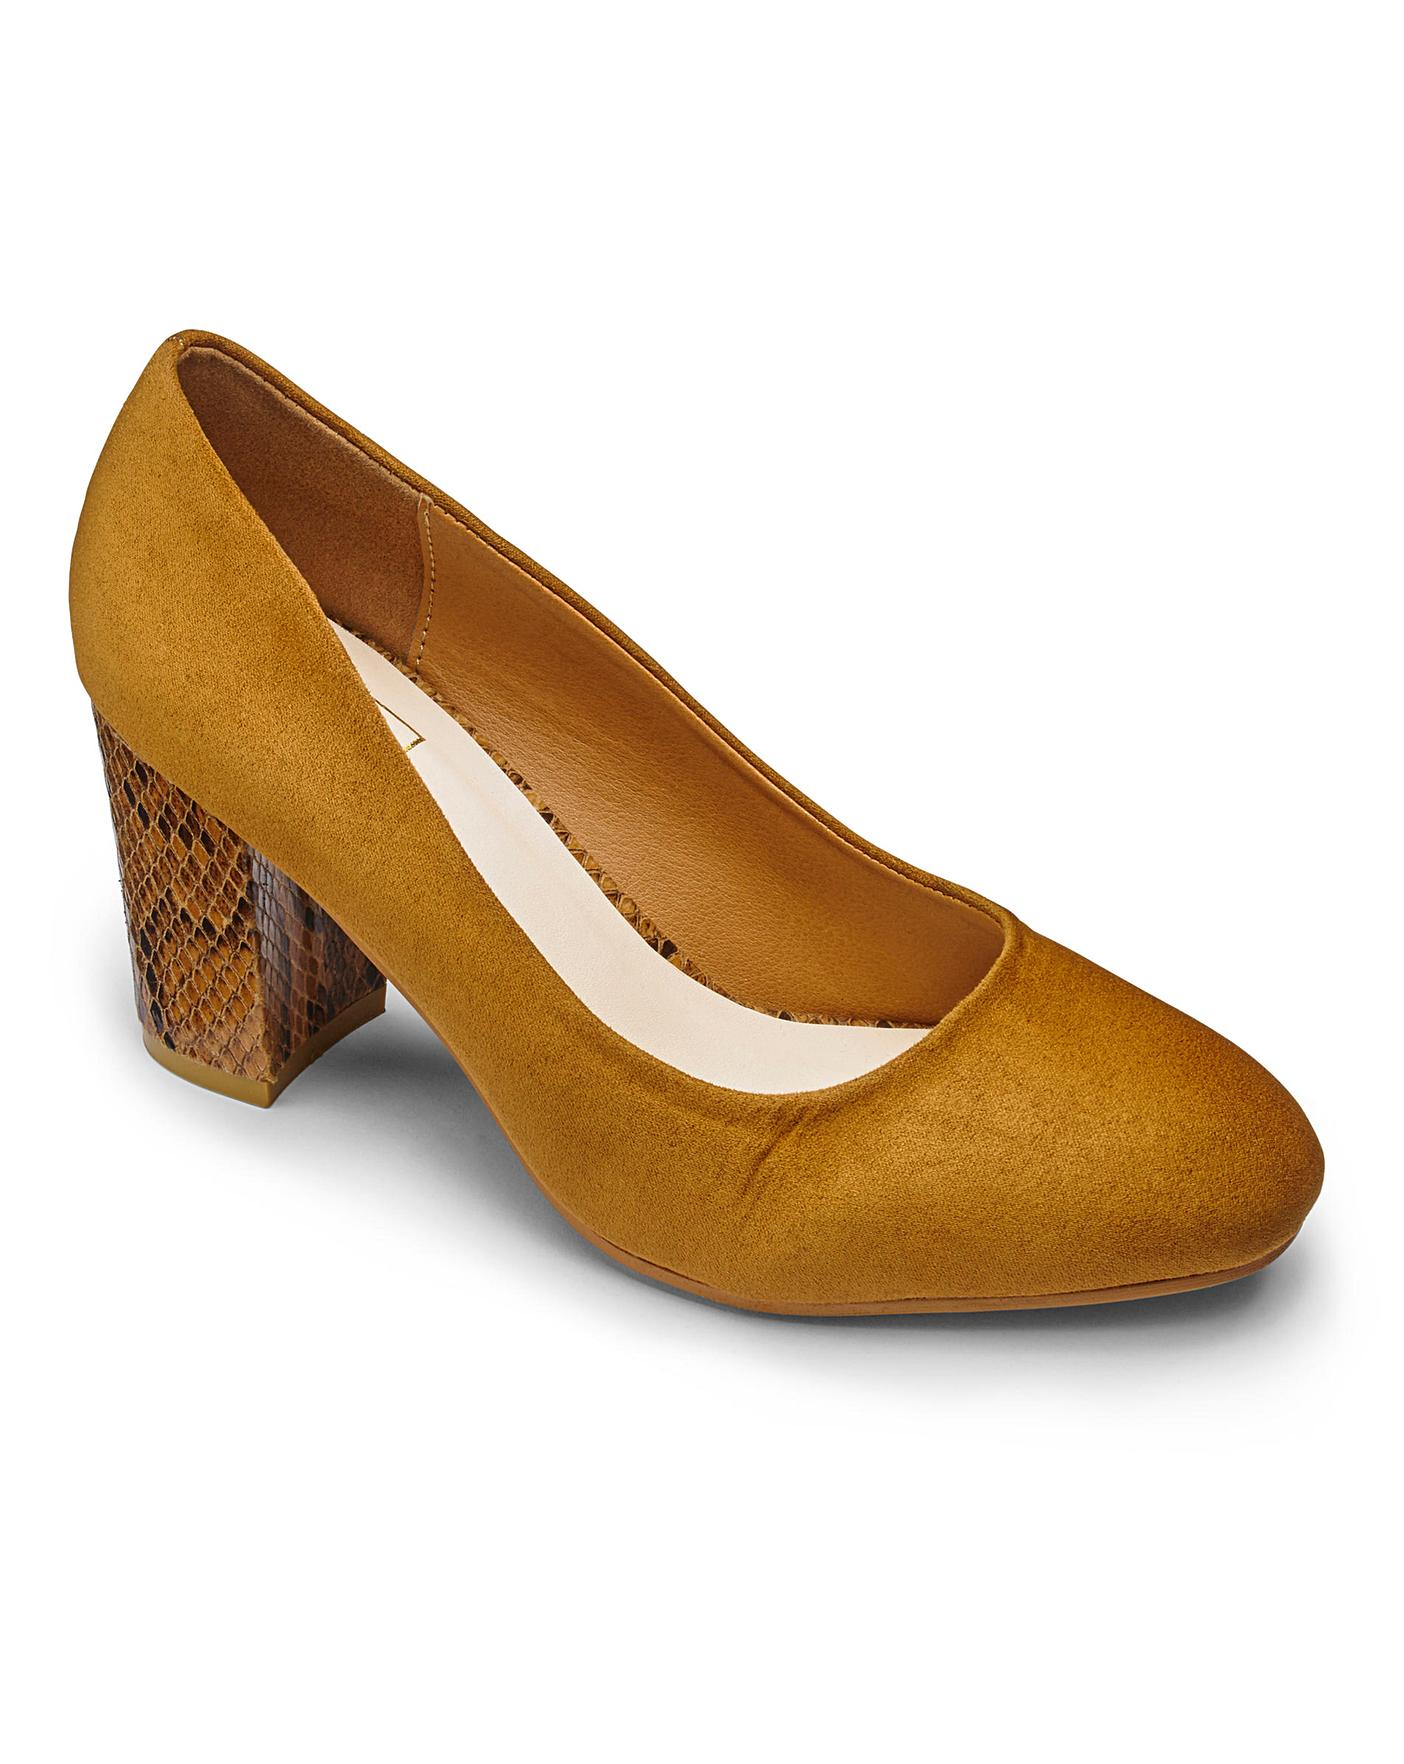 Sole Diva Court Shoes E Fit | Marisota